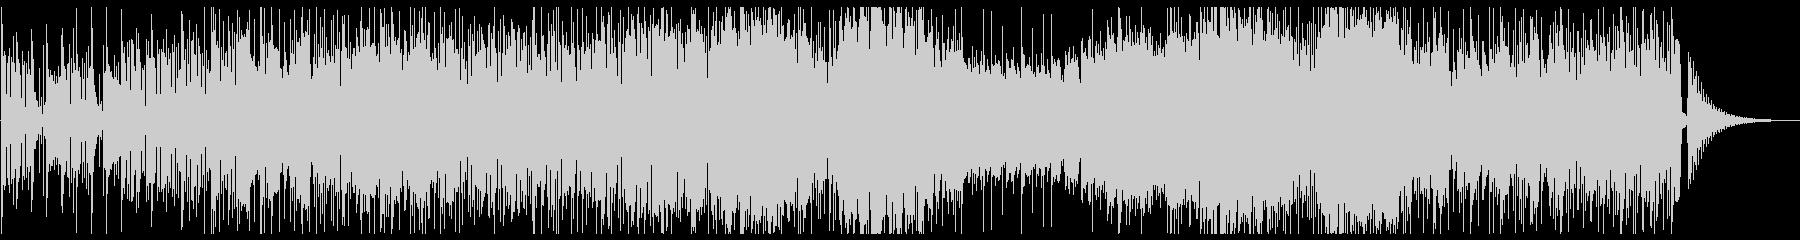 サックスとトランペットのクールなファンクの未再生の波形